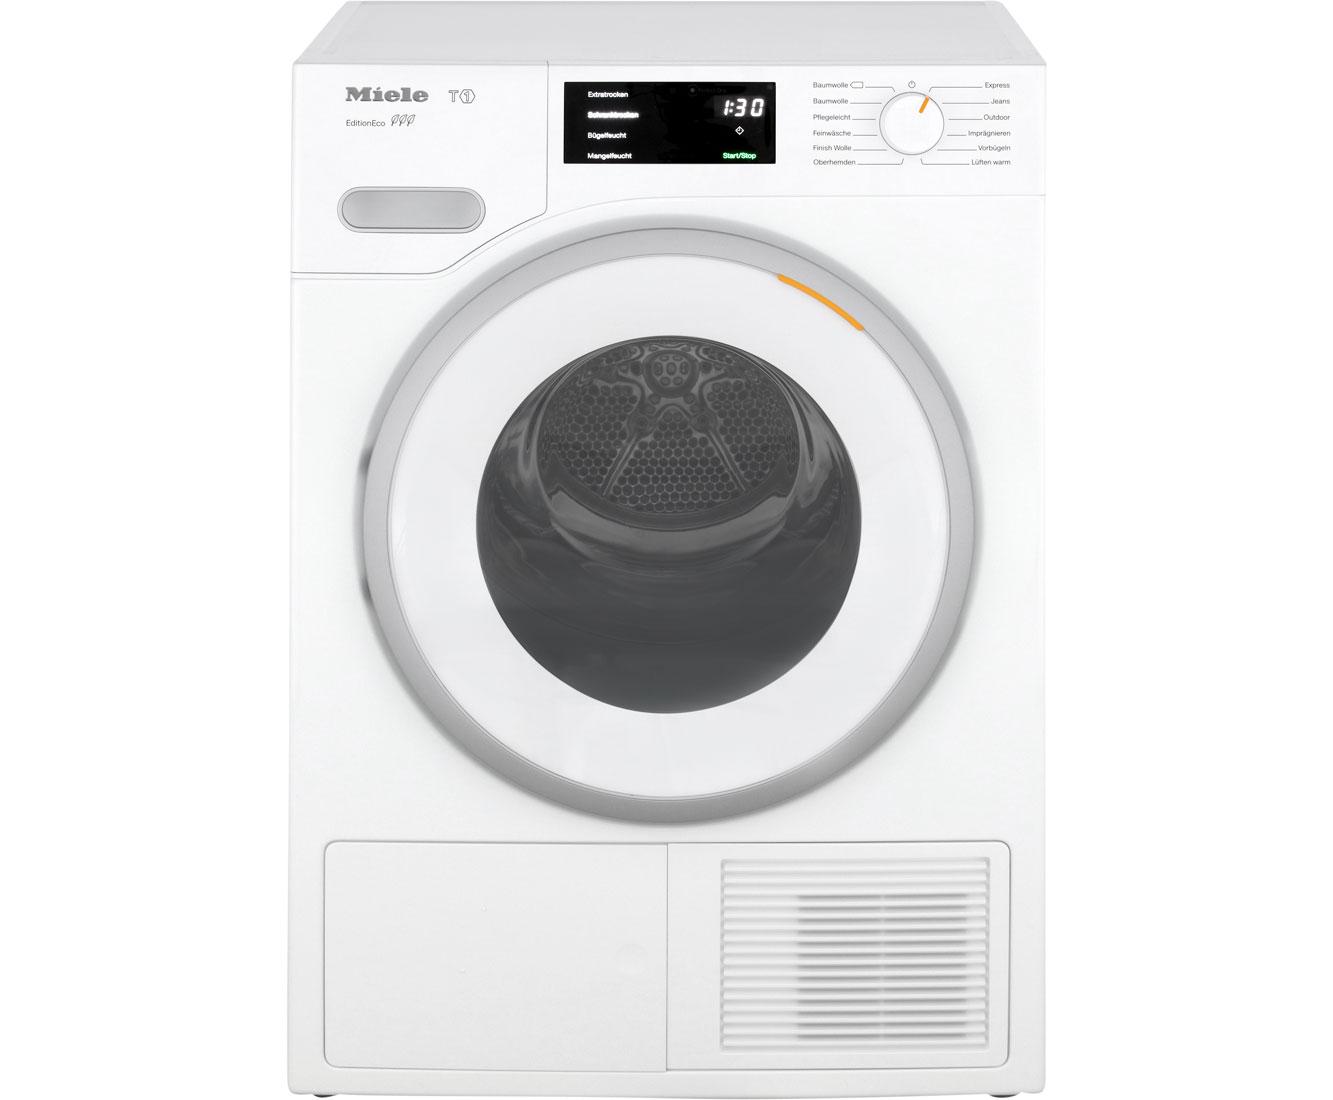 Miele TWF 500 WP Wärmepumpentrockner - Weiß | Bad > Waschmaschinen und Trockner > Wärmepumpentrockner | Weiß | Miele